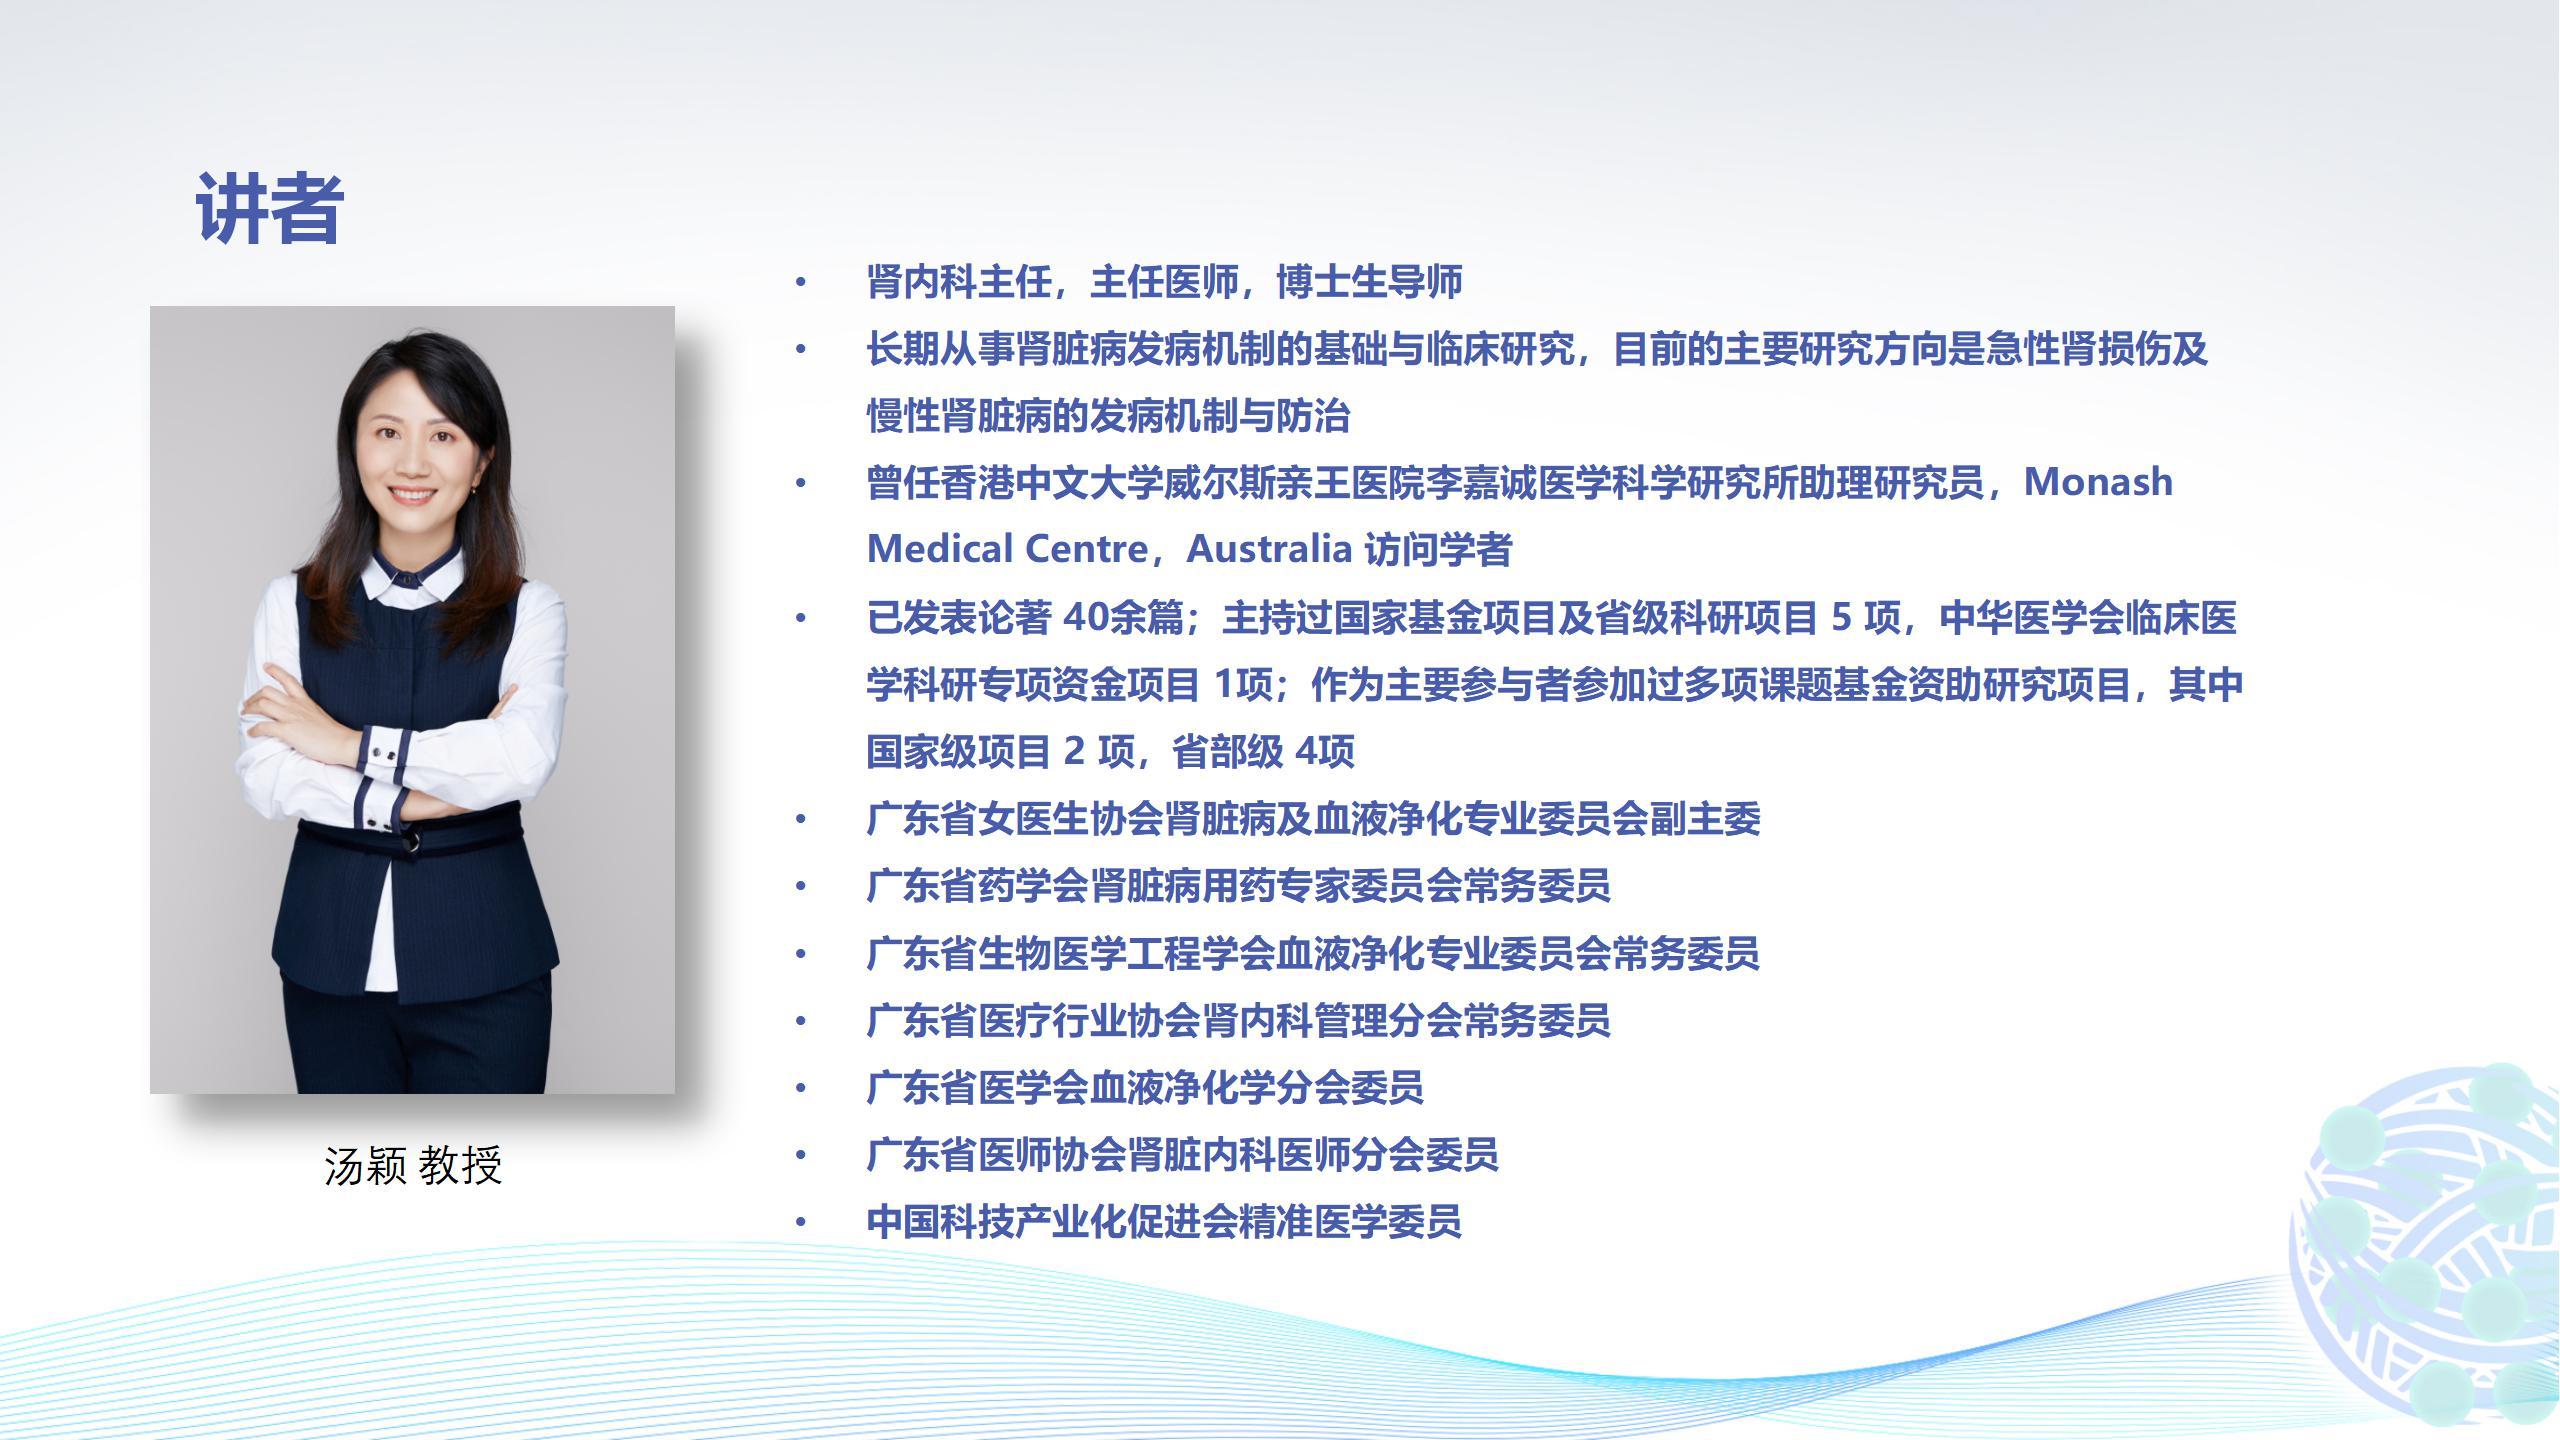 分会场-CKD-MBD 会场串场(2)_04.jpg